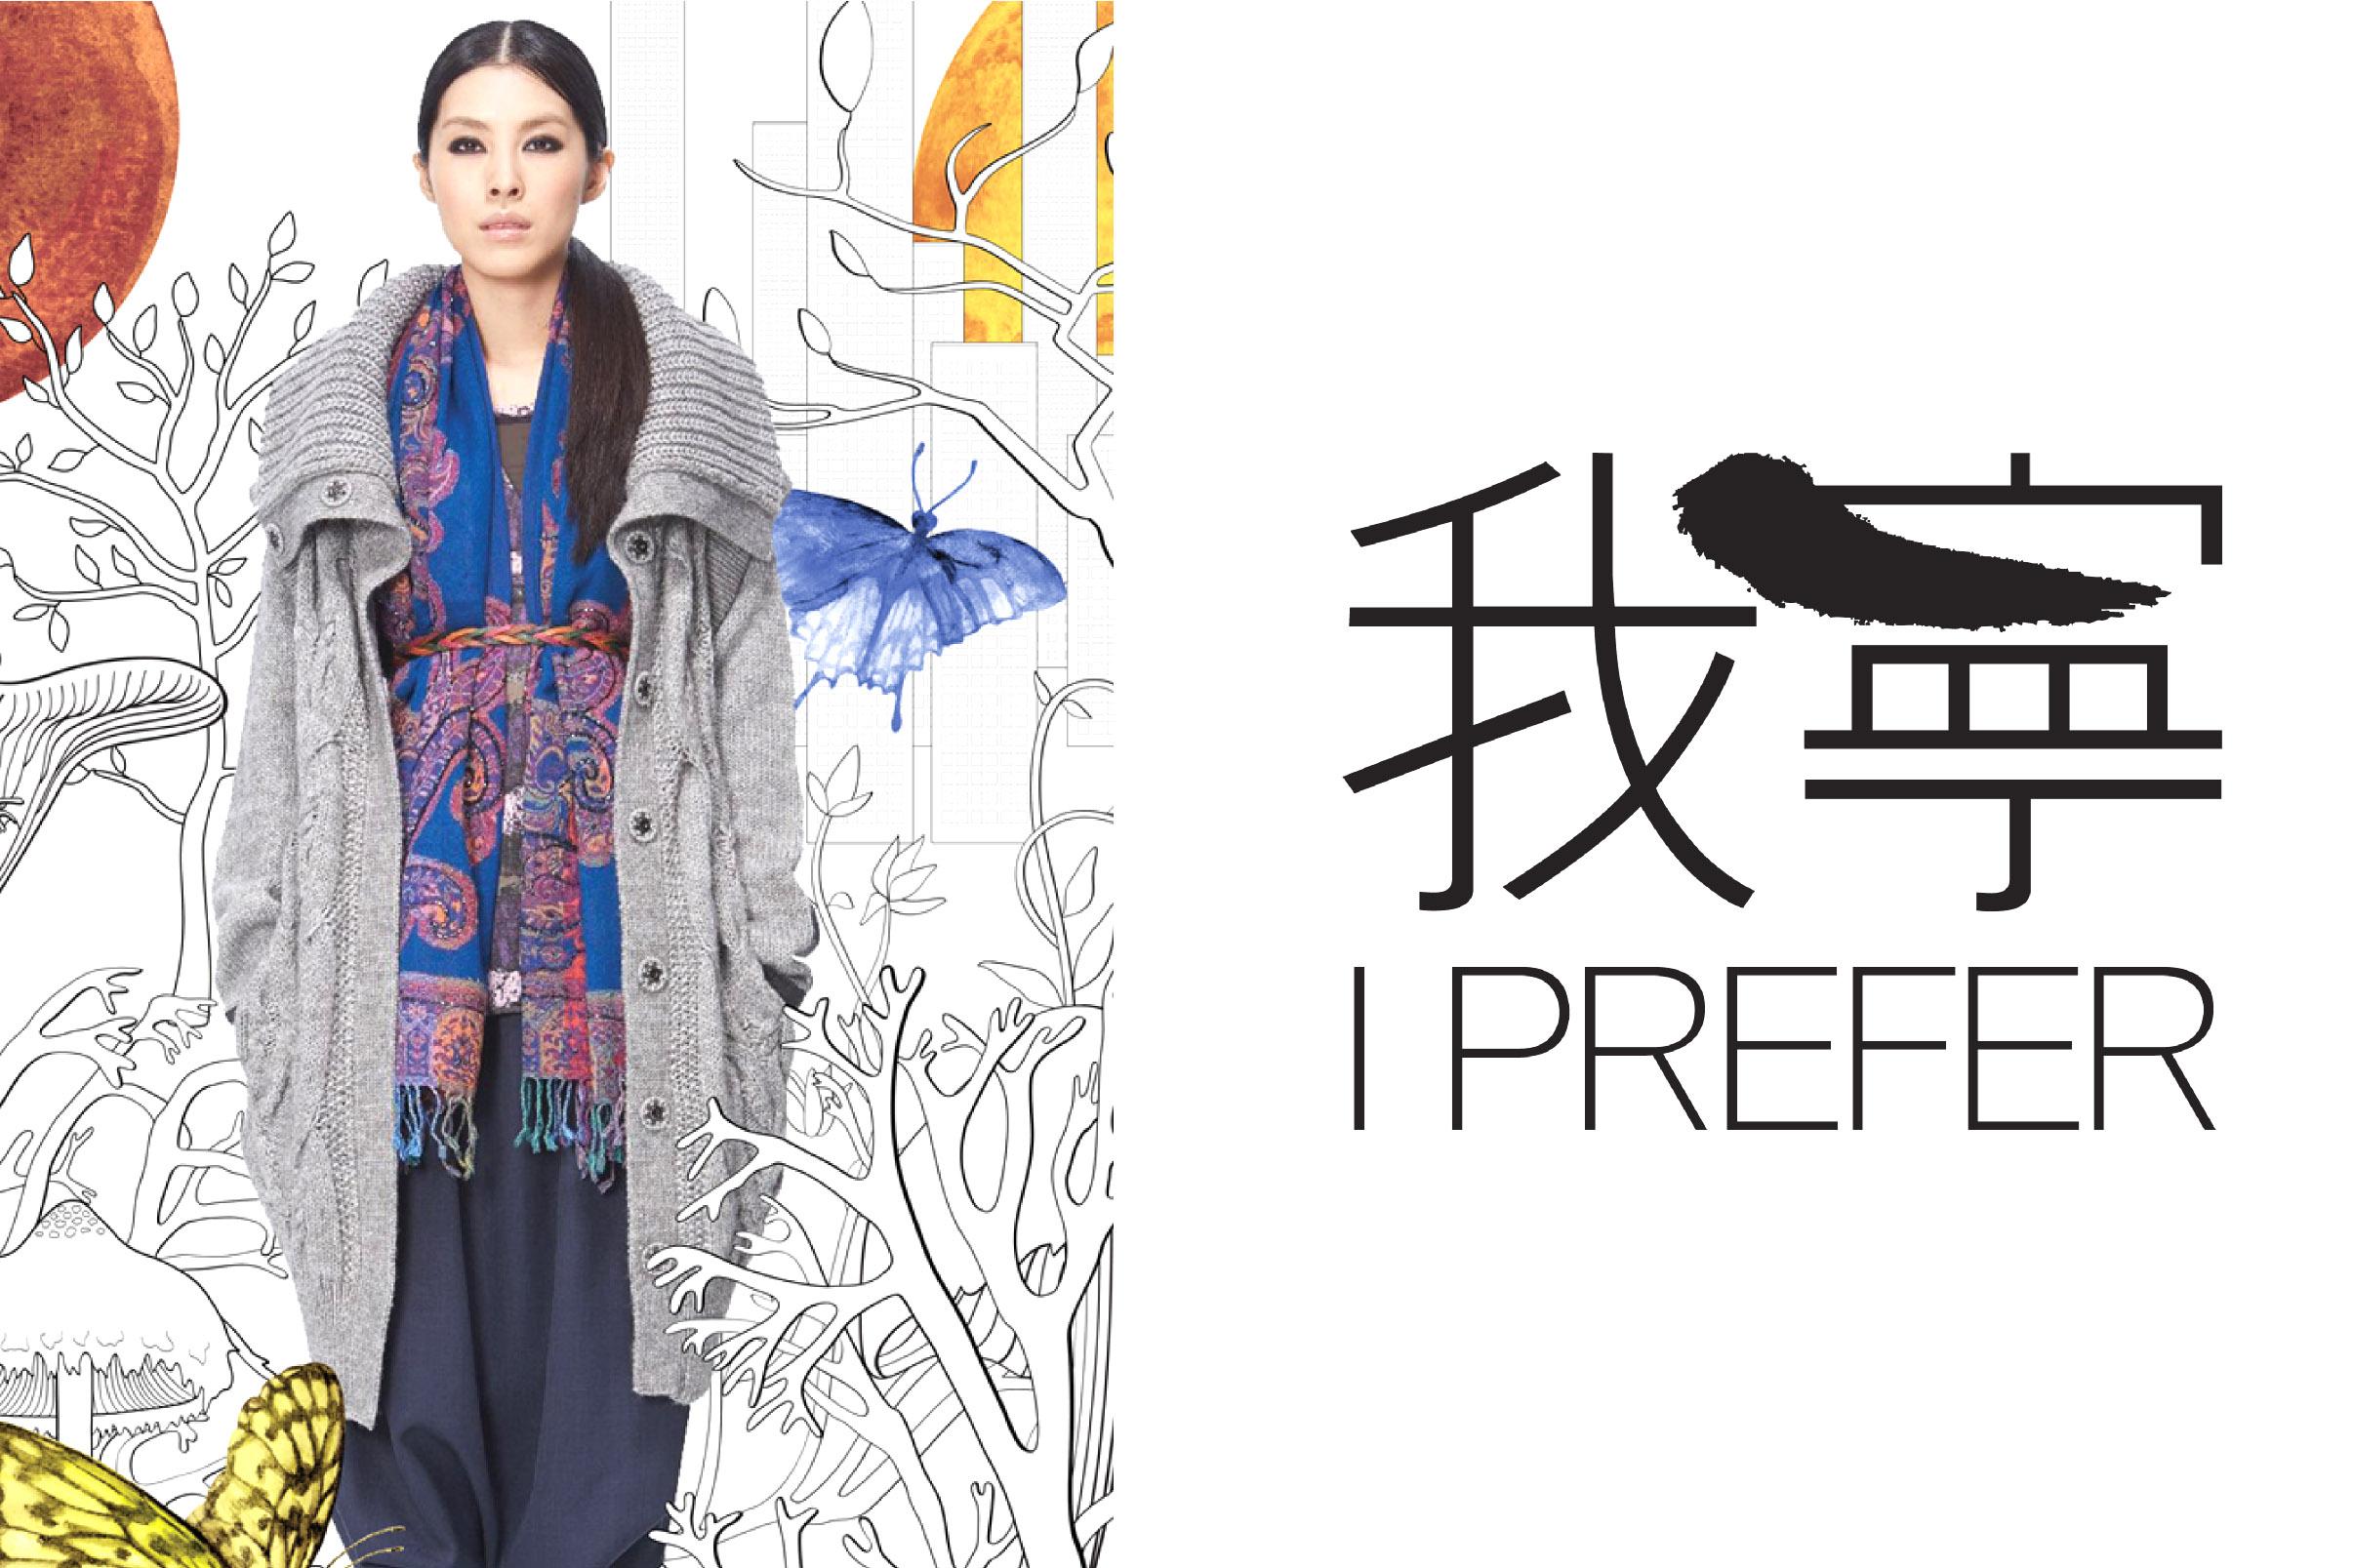 """找寻自己""""心中价值感"""",一个台湾设计师品牌是这样走过10多年风雨历程的"""